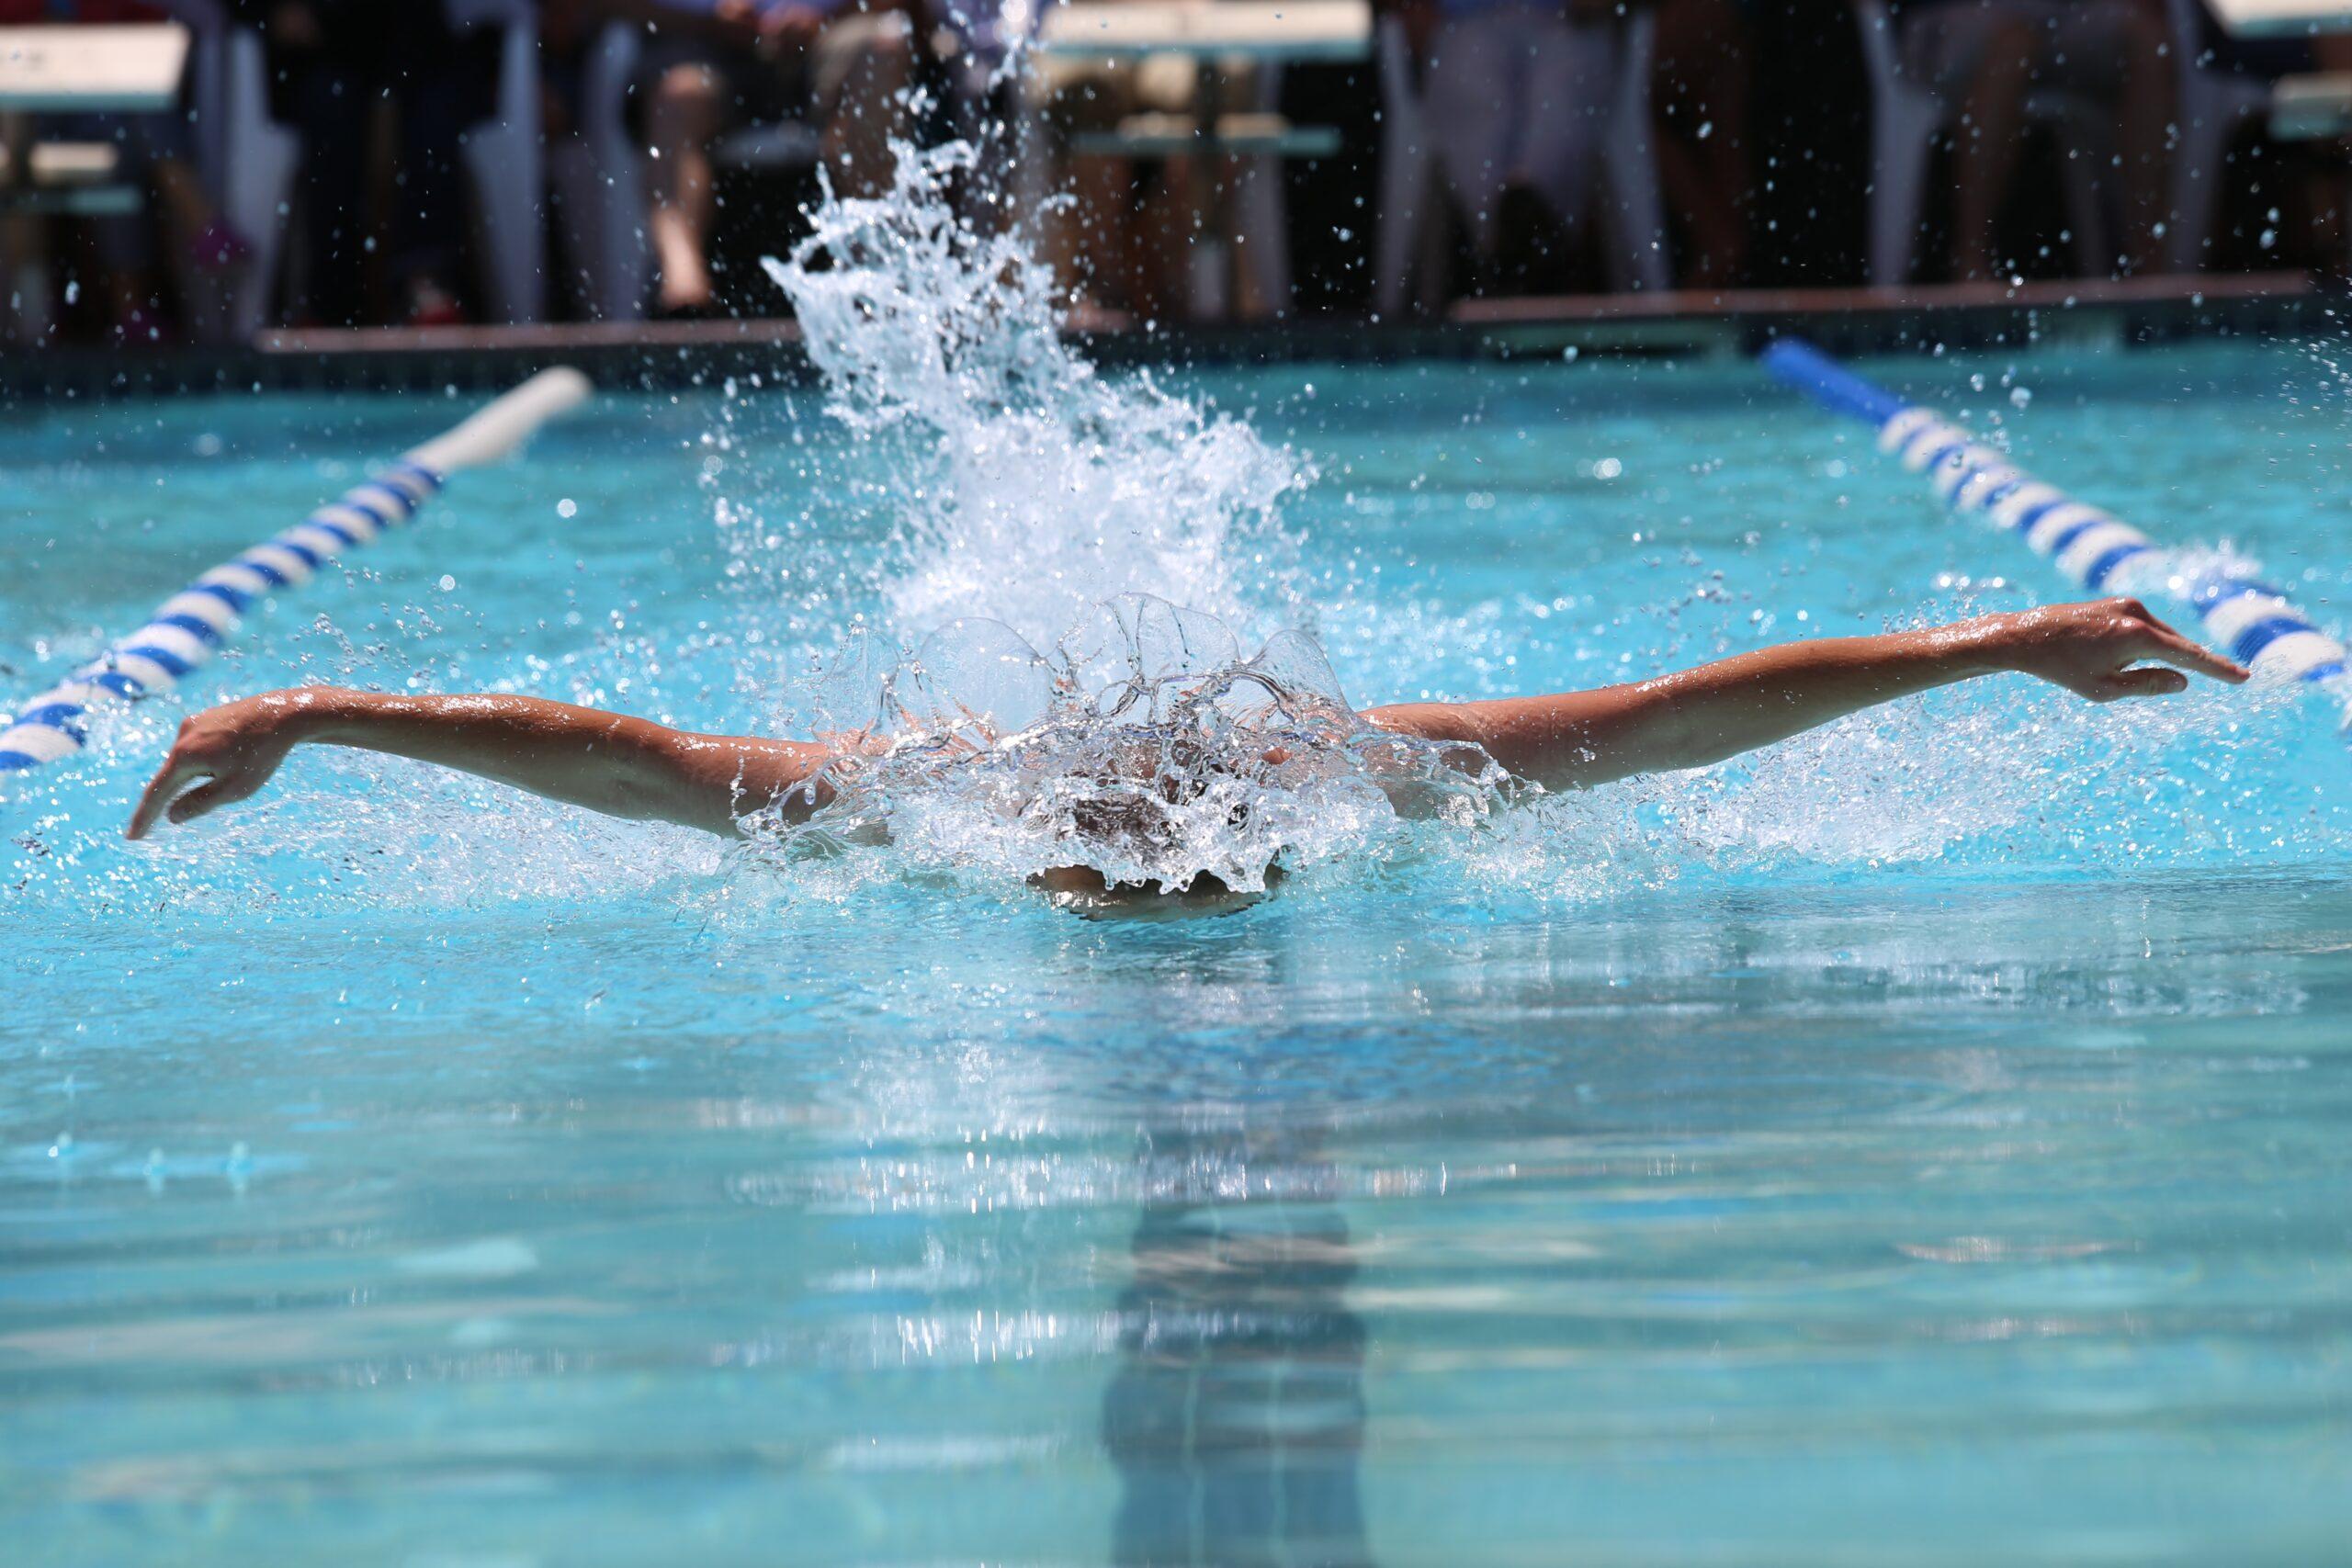 大橋悠依選手は極度の貧血を食事改善で乗り越え金メダル獲得!競泳女子400メートル個人メドレー